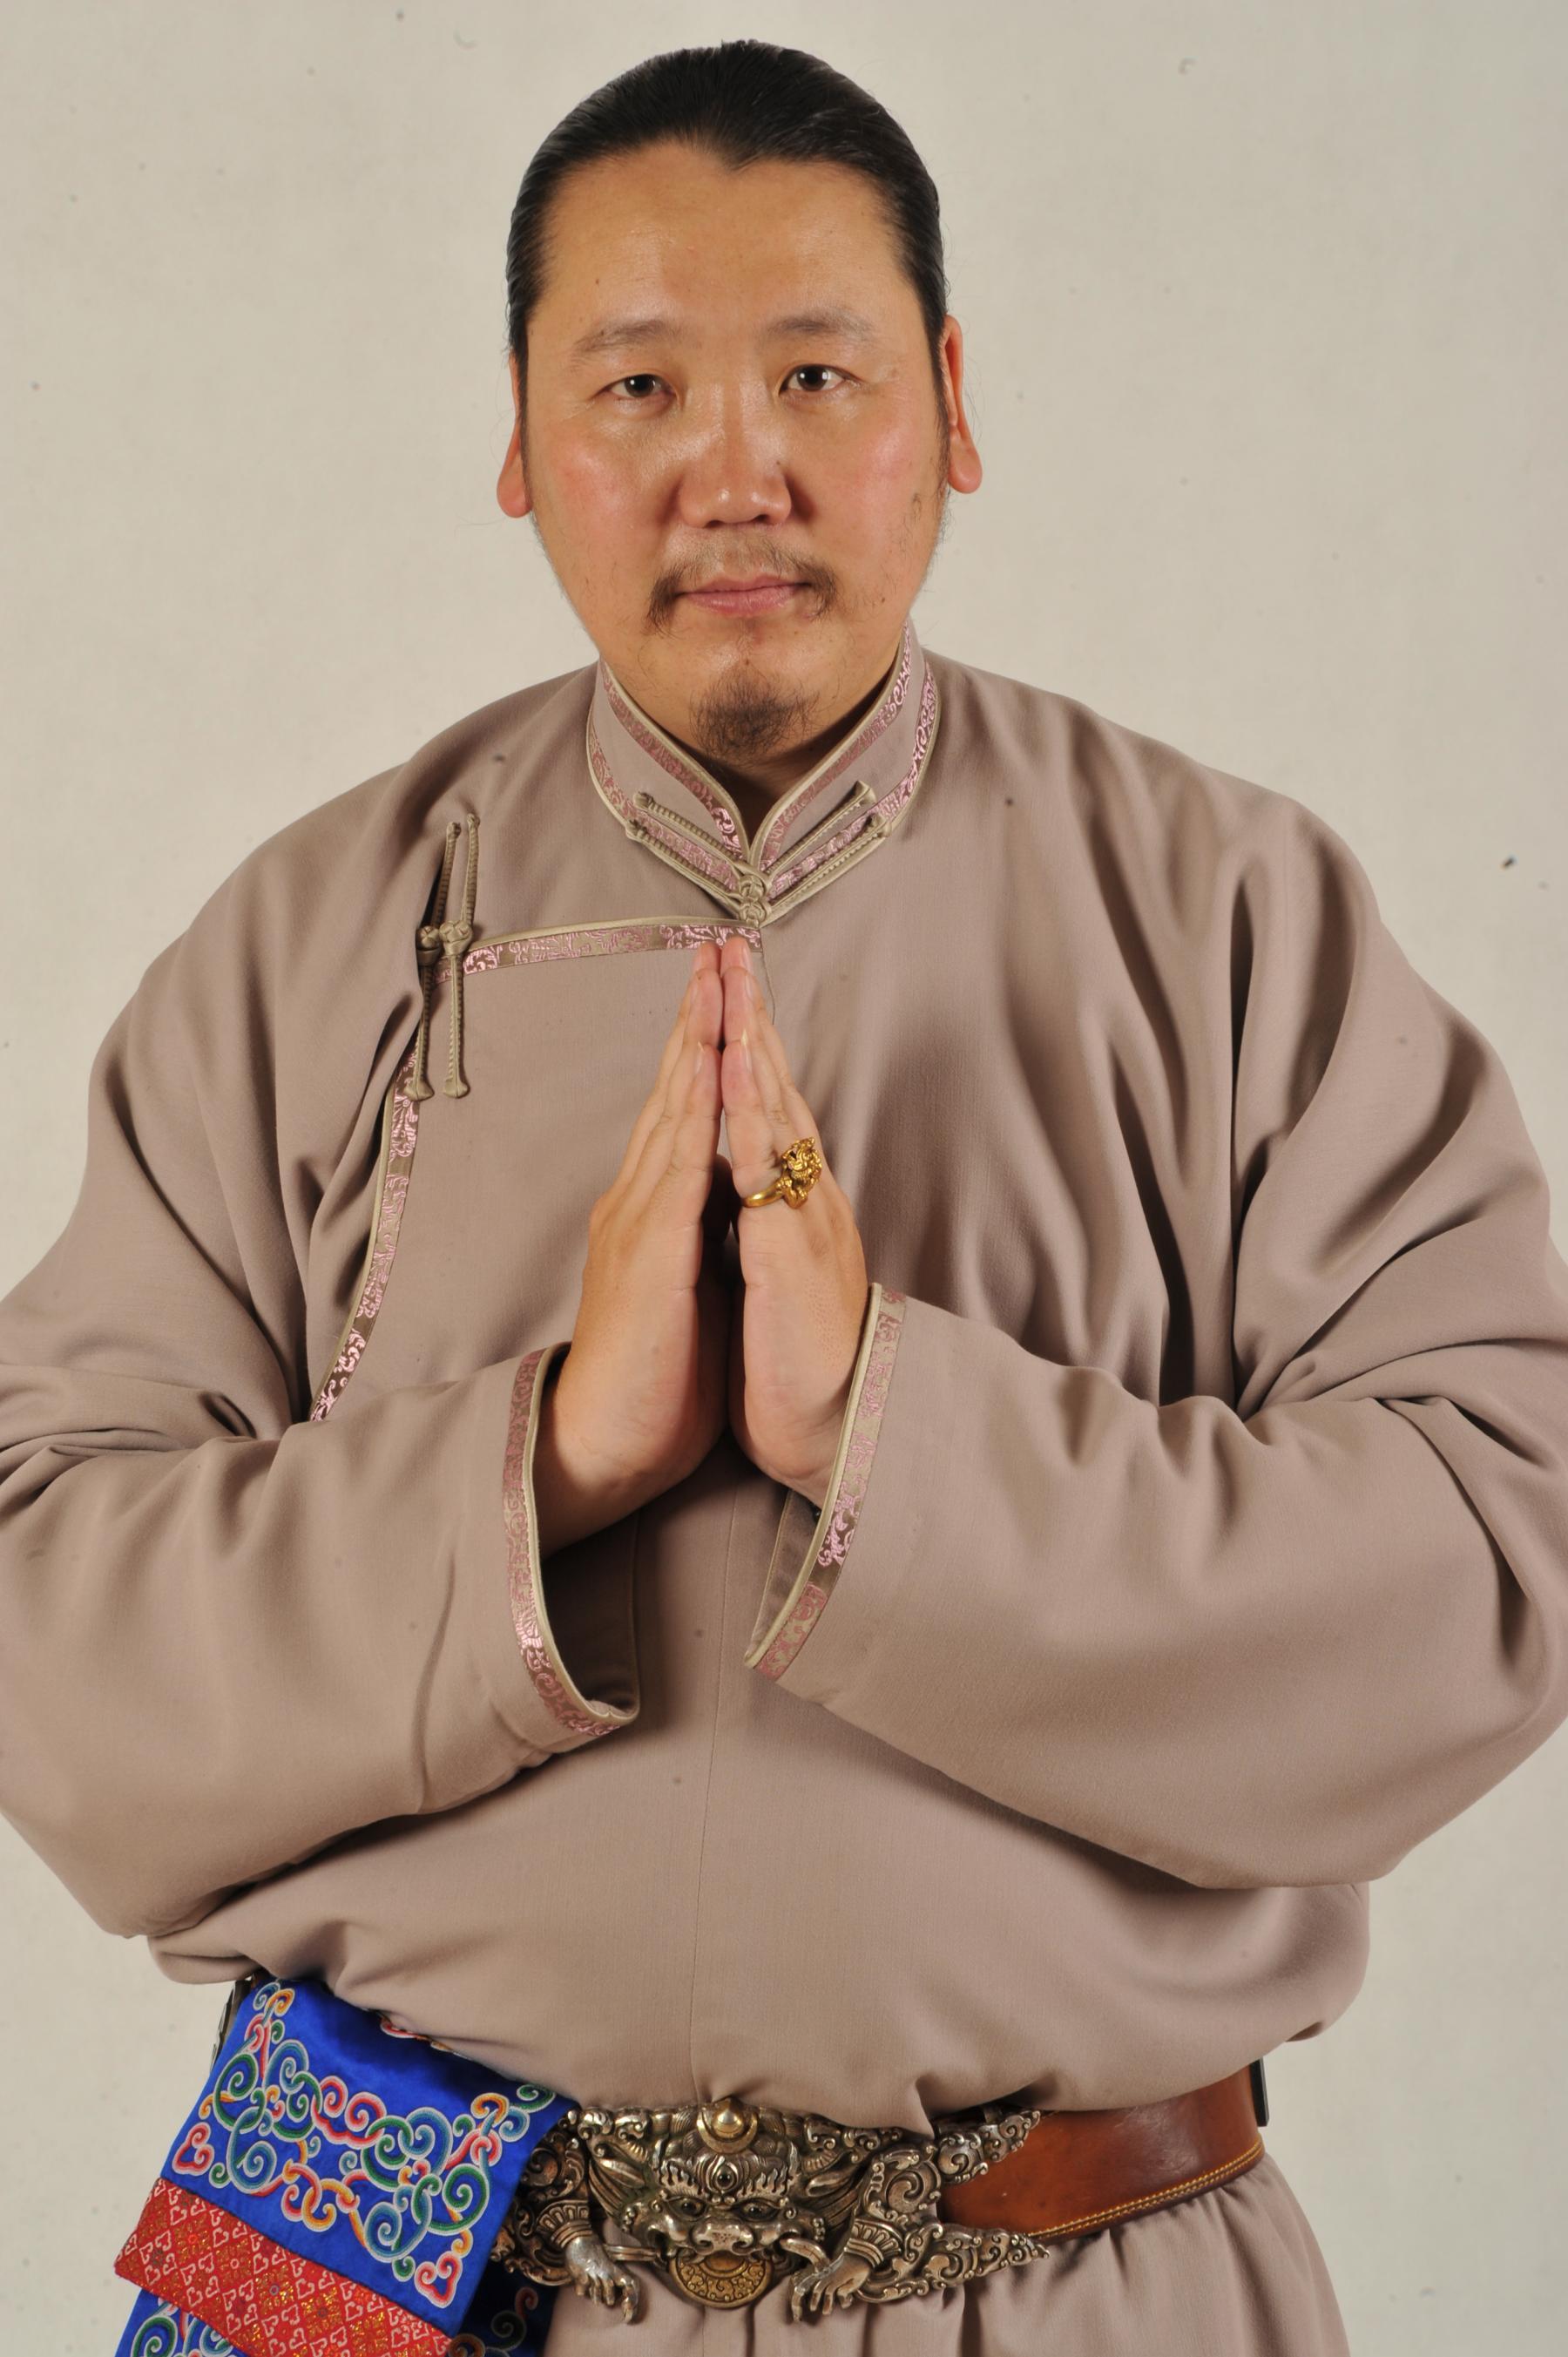 Би багшийнхаа хажууд долоон жил суралцаж, монгол зургийн нарийн арга ухаан, техникийг мэргэжлийн талаас сурсан